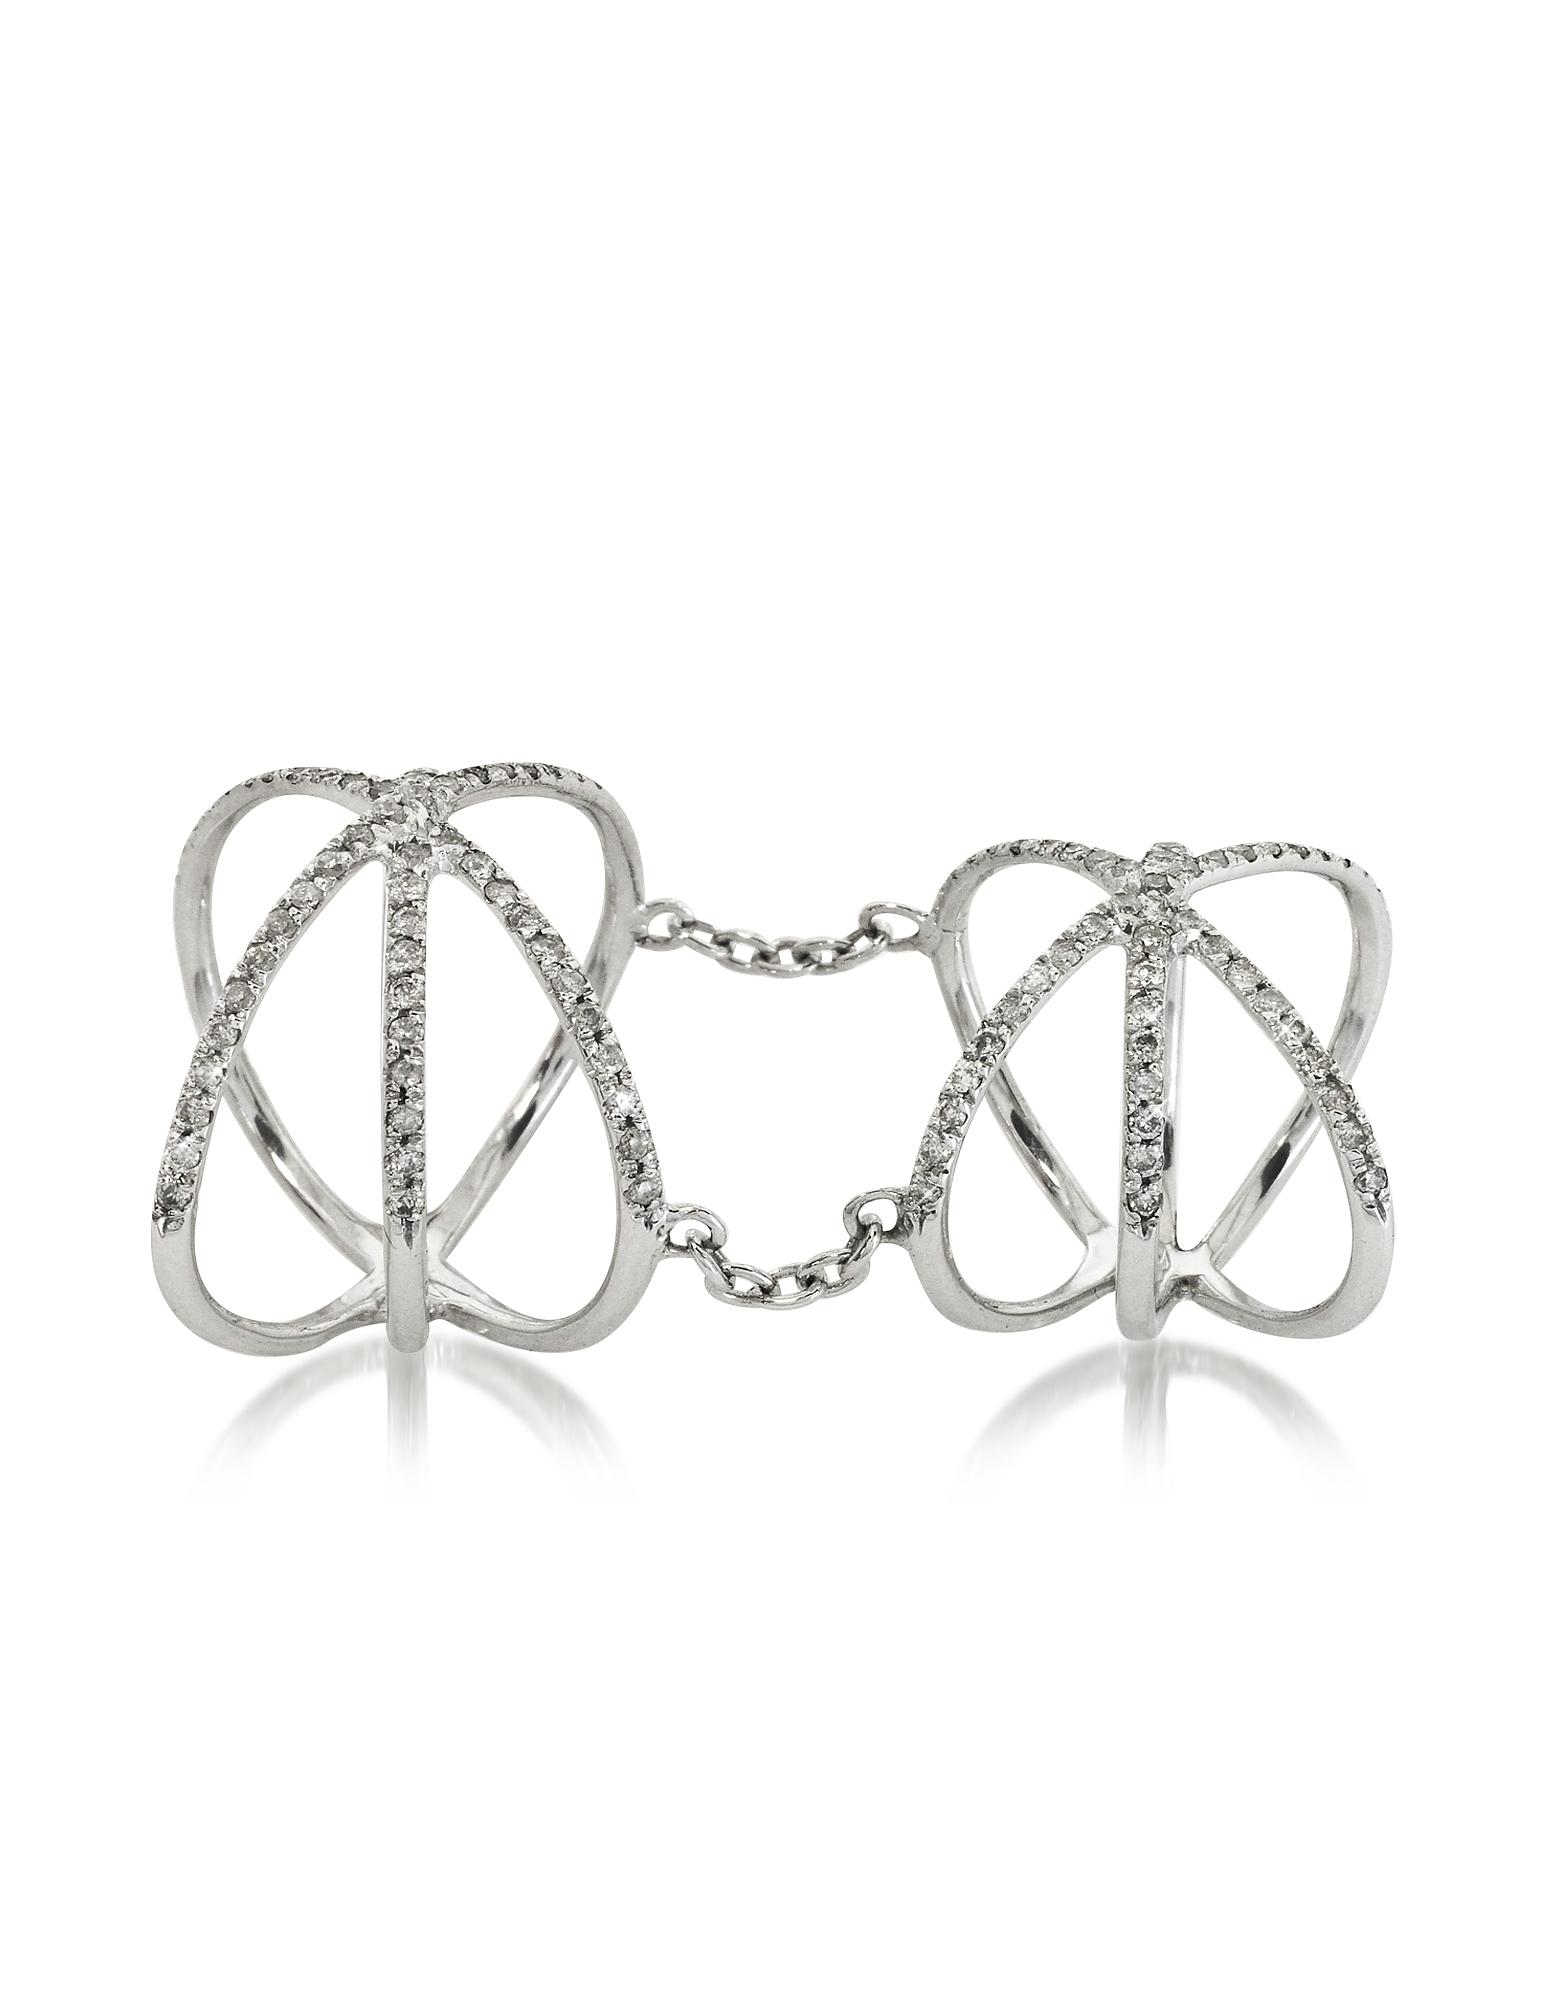 Bernard Delettrez Rings, 18K White Gold Criss Cross Articulated Ring w/Diamonds Pave